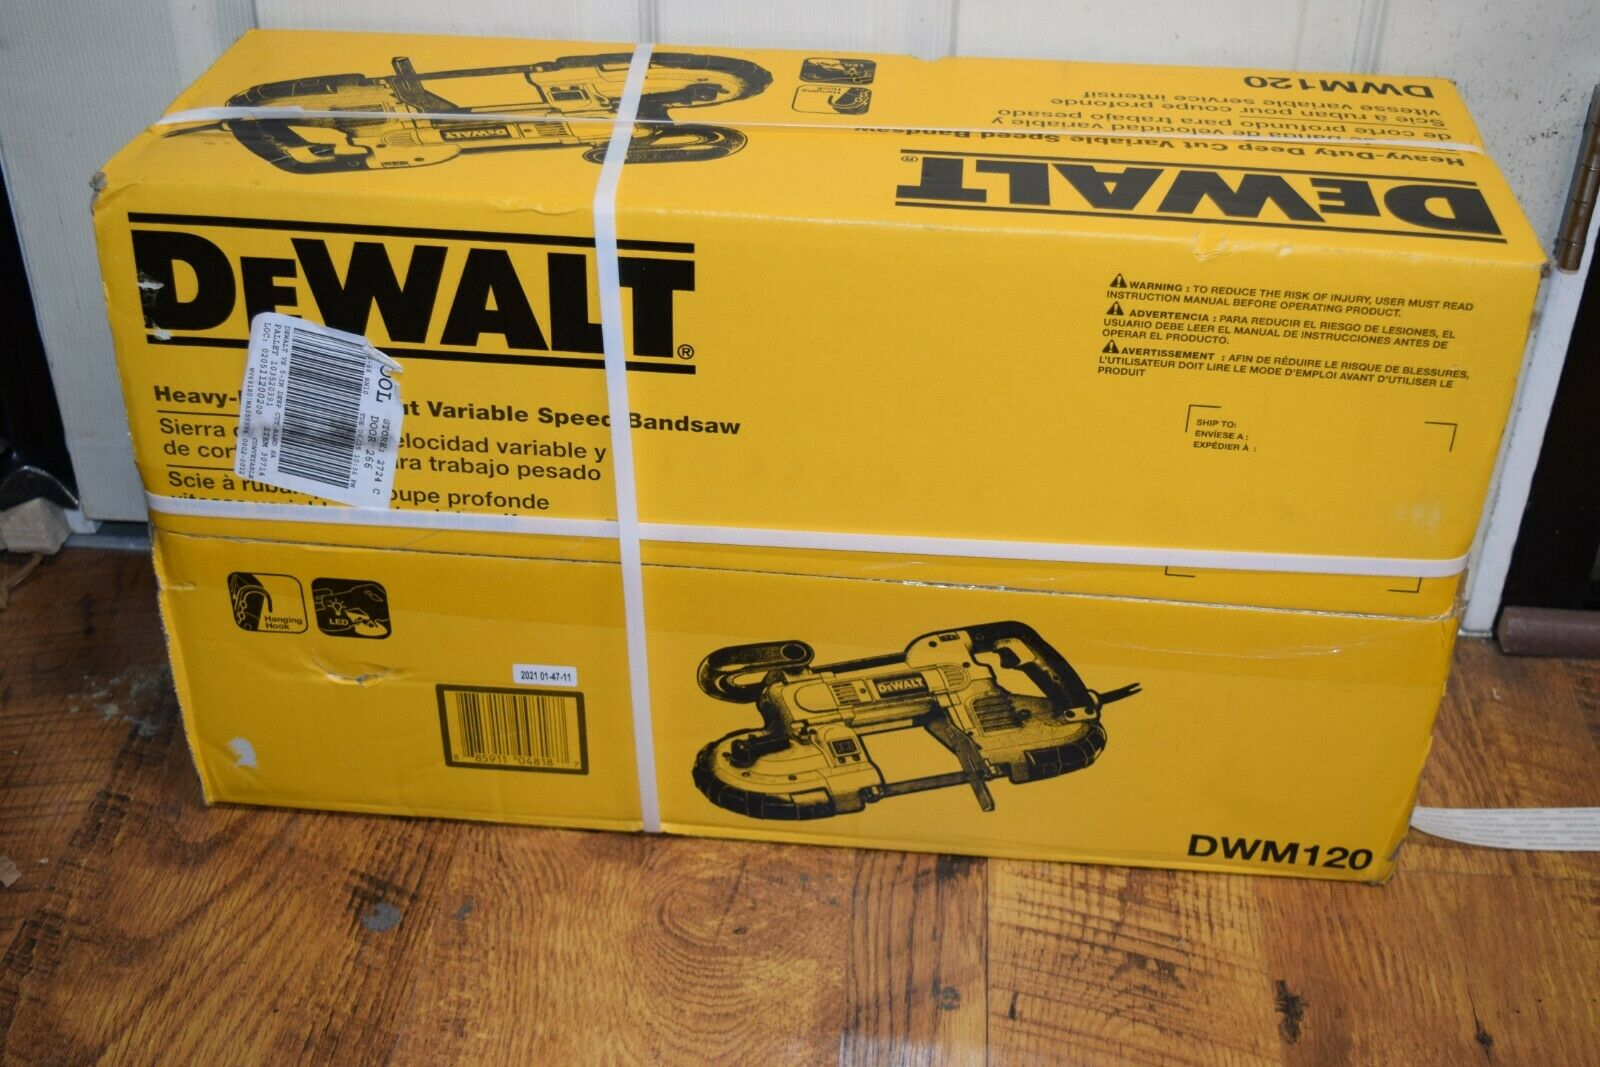 Dewalt Heavy-Duty Corded Deep Cut Variable-Speed Band Saw DW